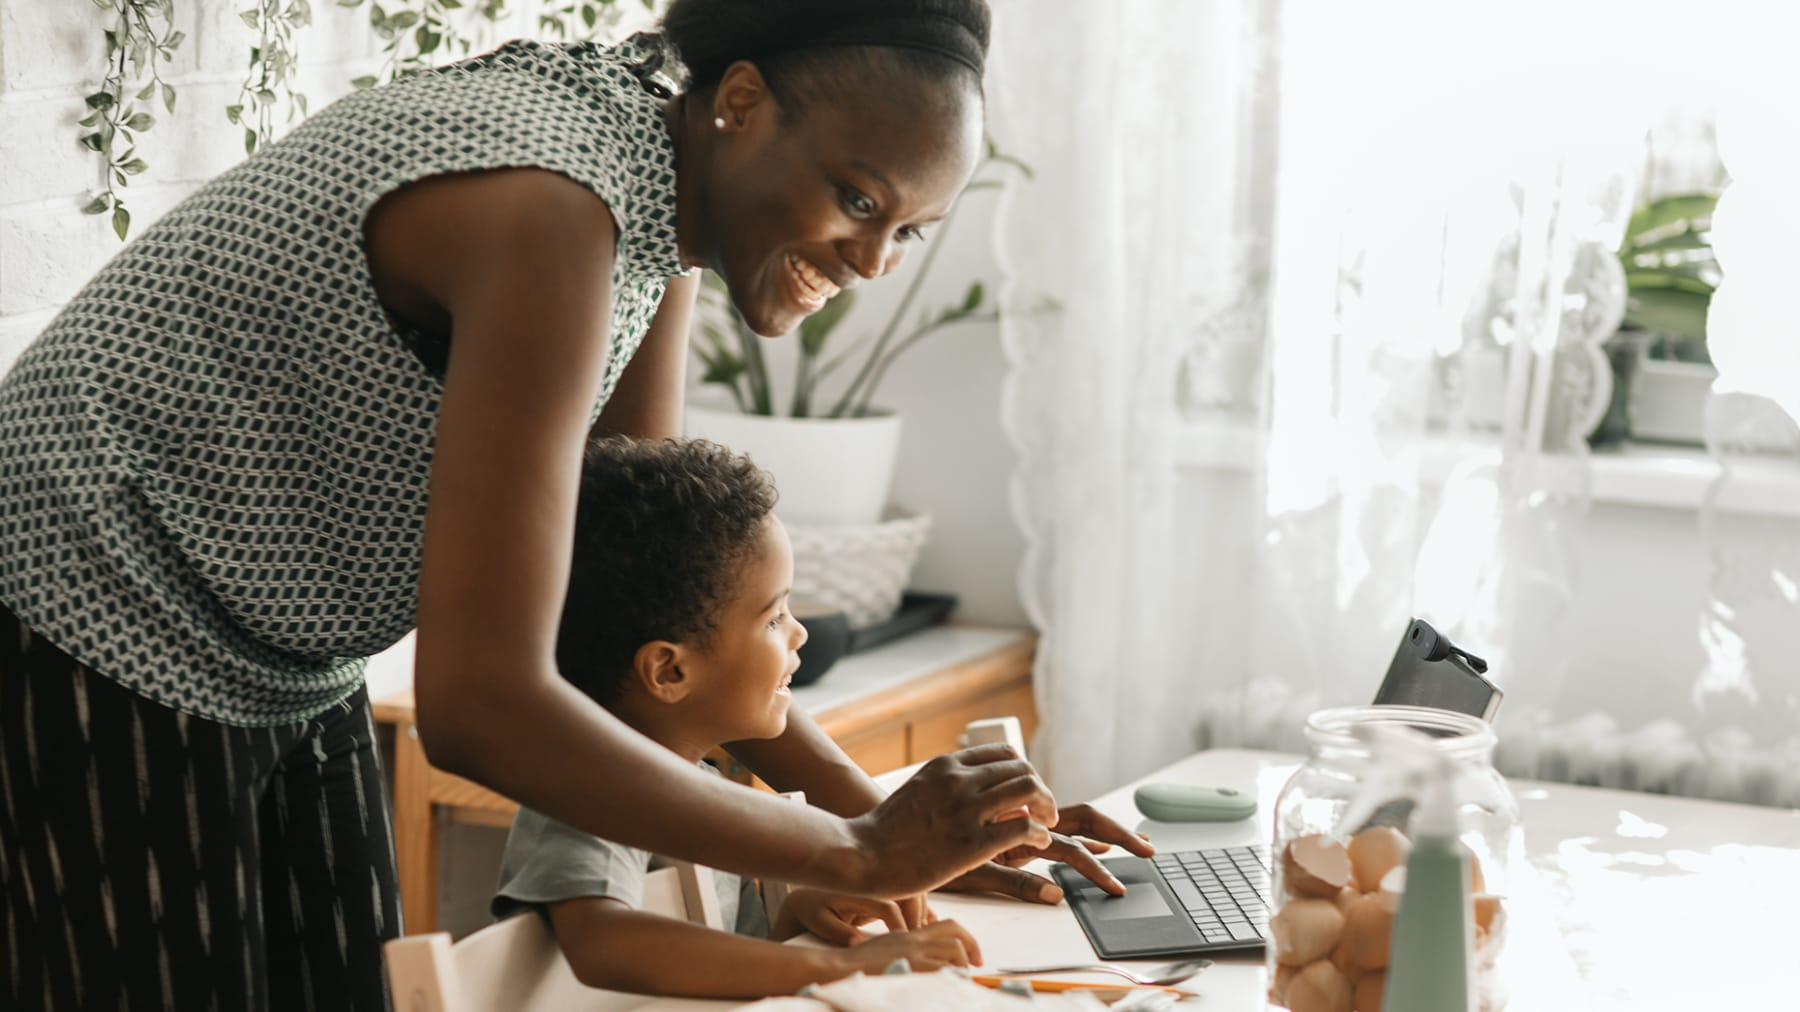 Förälder och barn interagerar med en bärbar dator